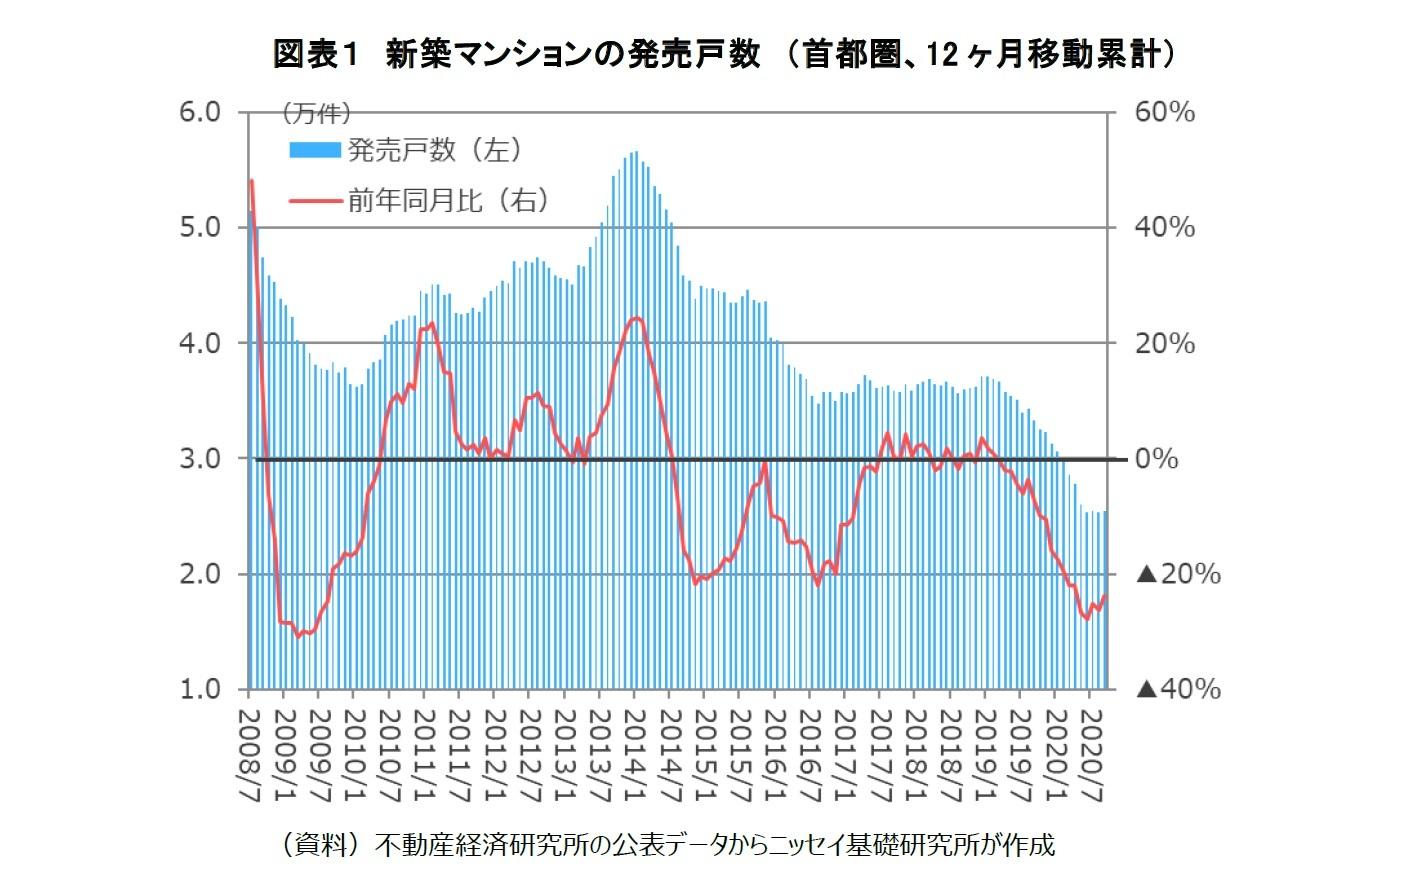 図表1 新築マンションの発売戸数 (首都圏、12ヶ月移動累計)